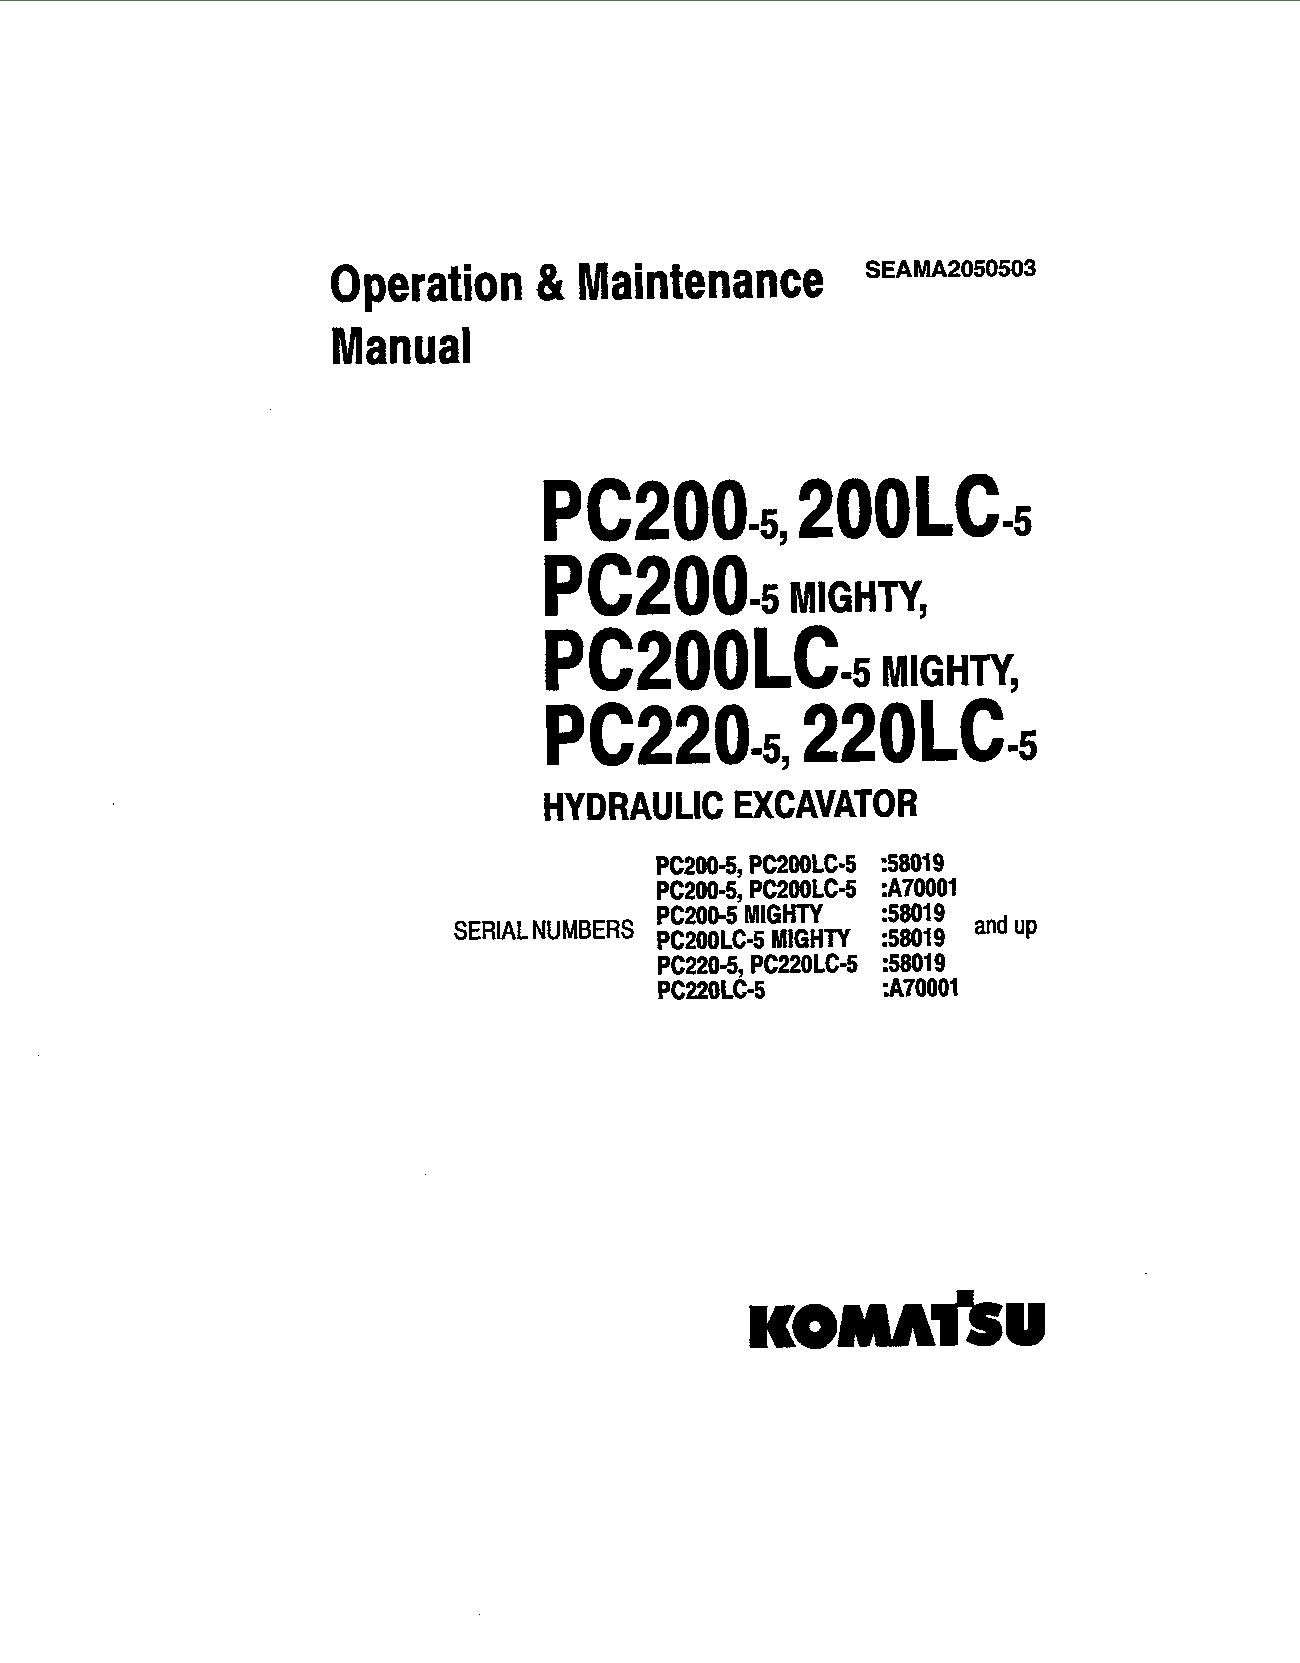 Komatsu PC200-5 Operation and Maintenance Manual Komatsu